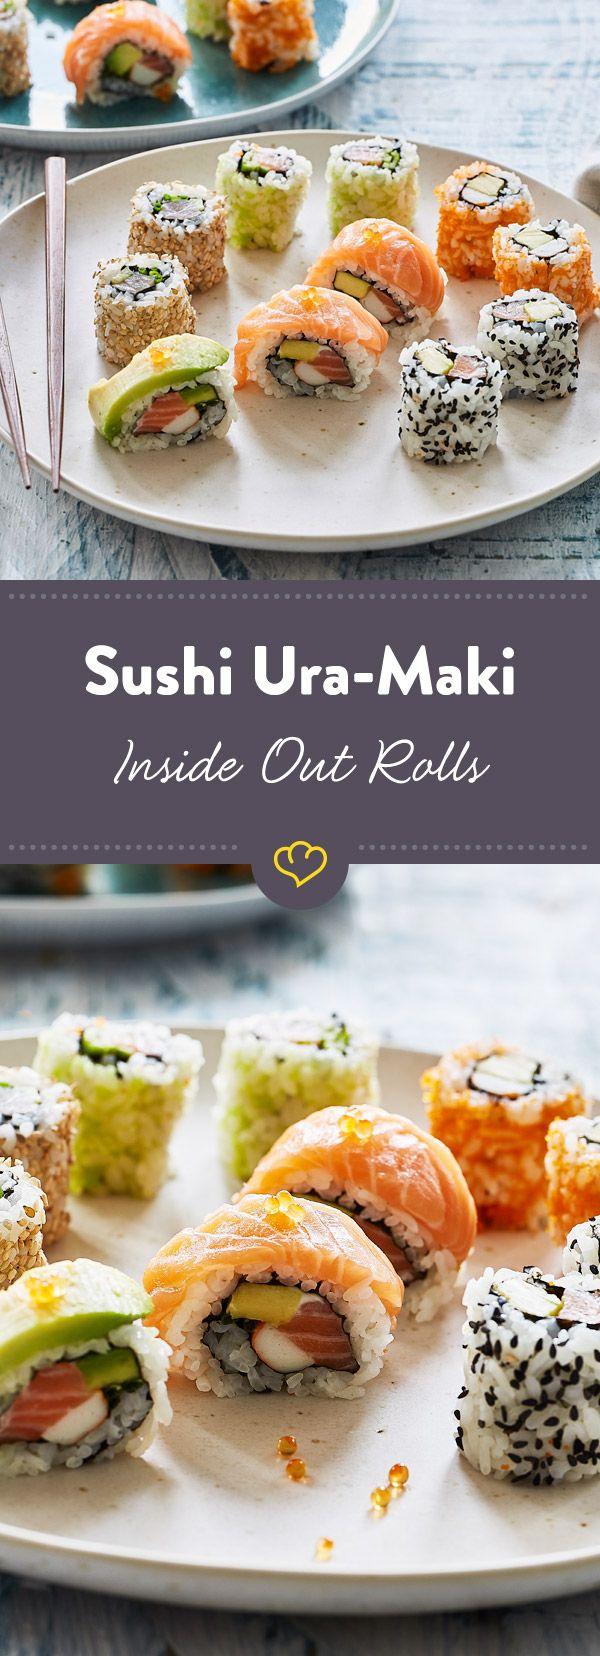 sushi uramaki inside out rezept. Black Bedroom Furniture Sets. Home Design Ideas